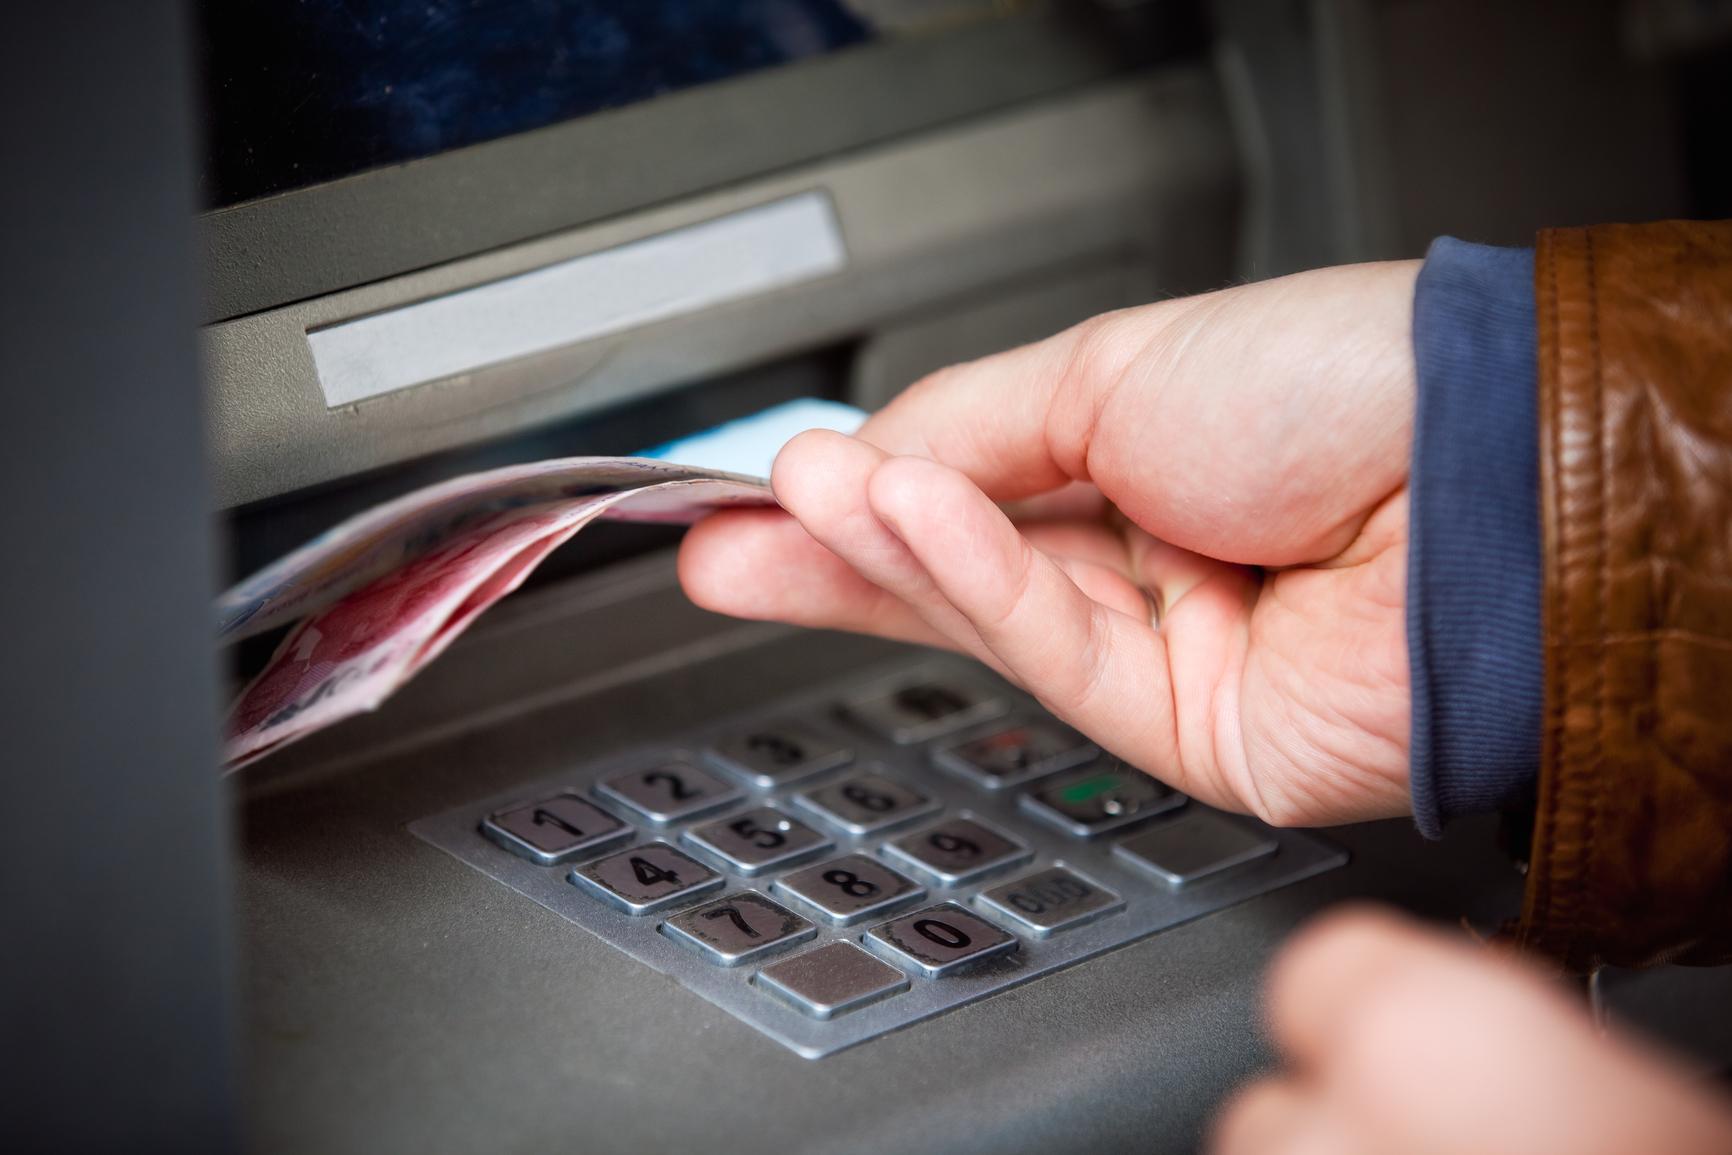 Банки с выгодными условиями снятия наличных с расчетного счета юридических лиц